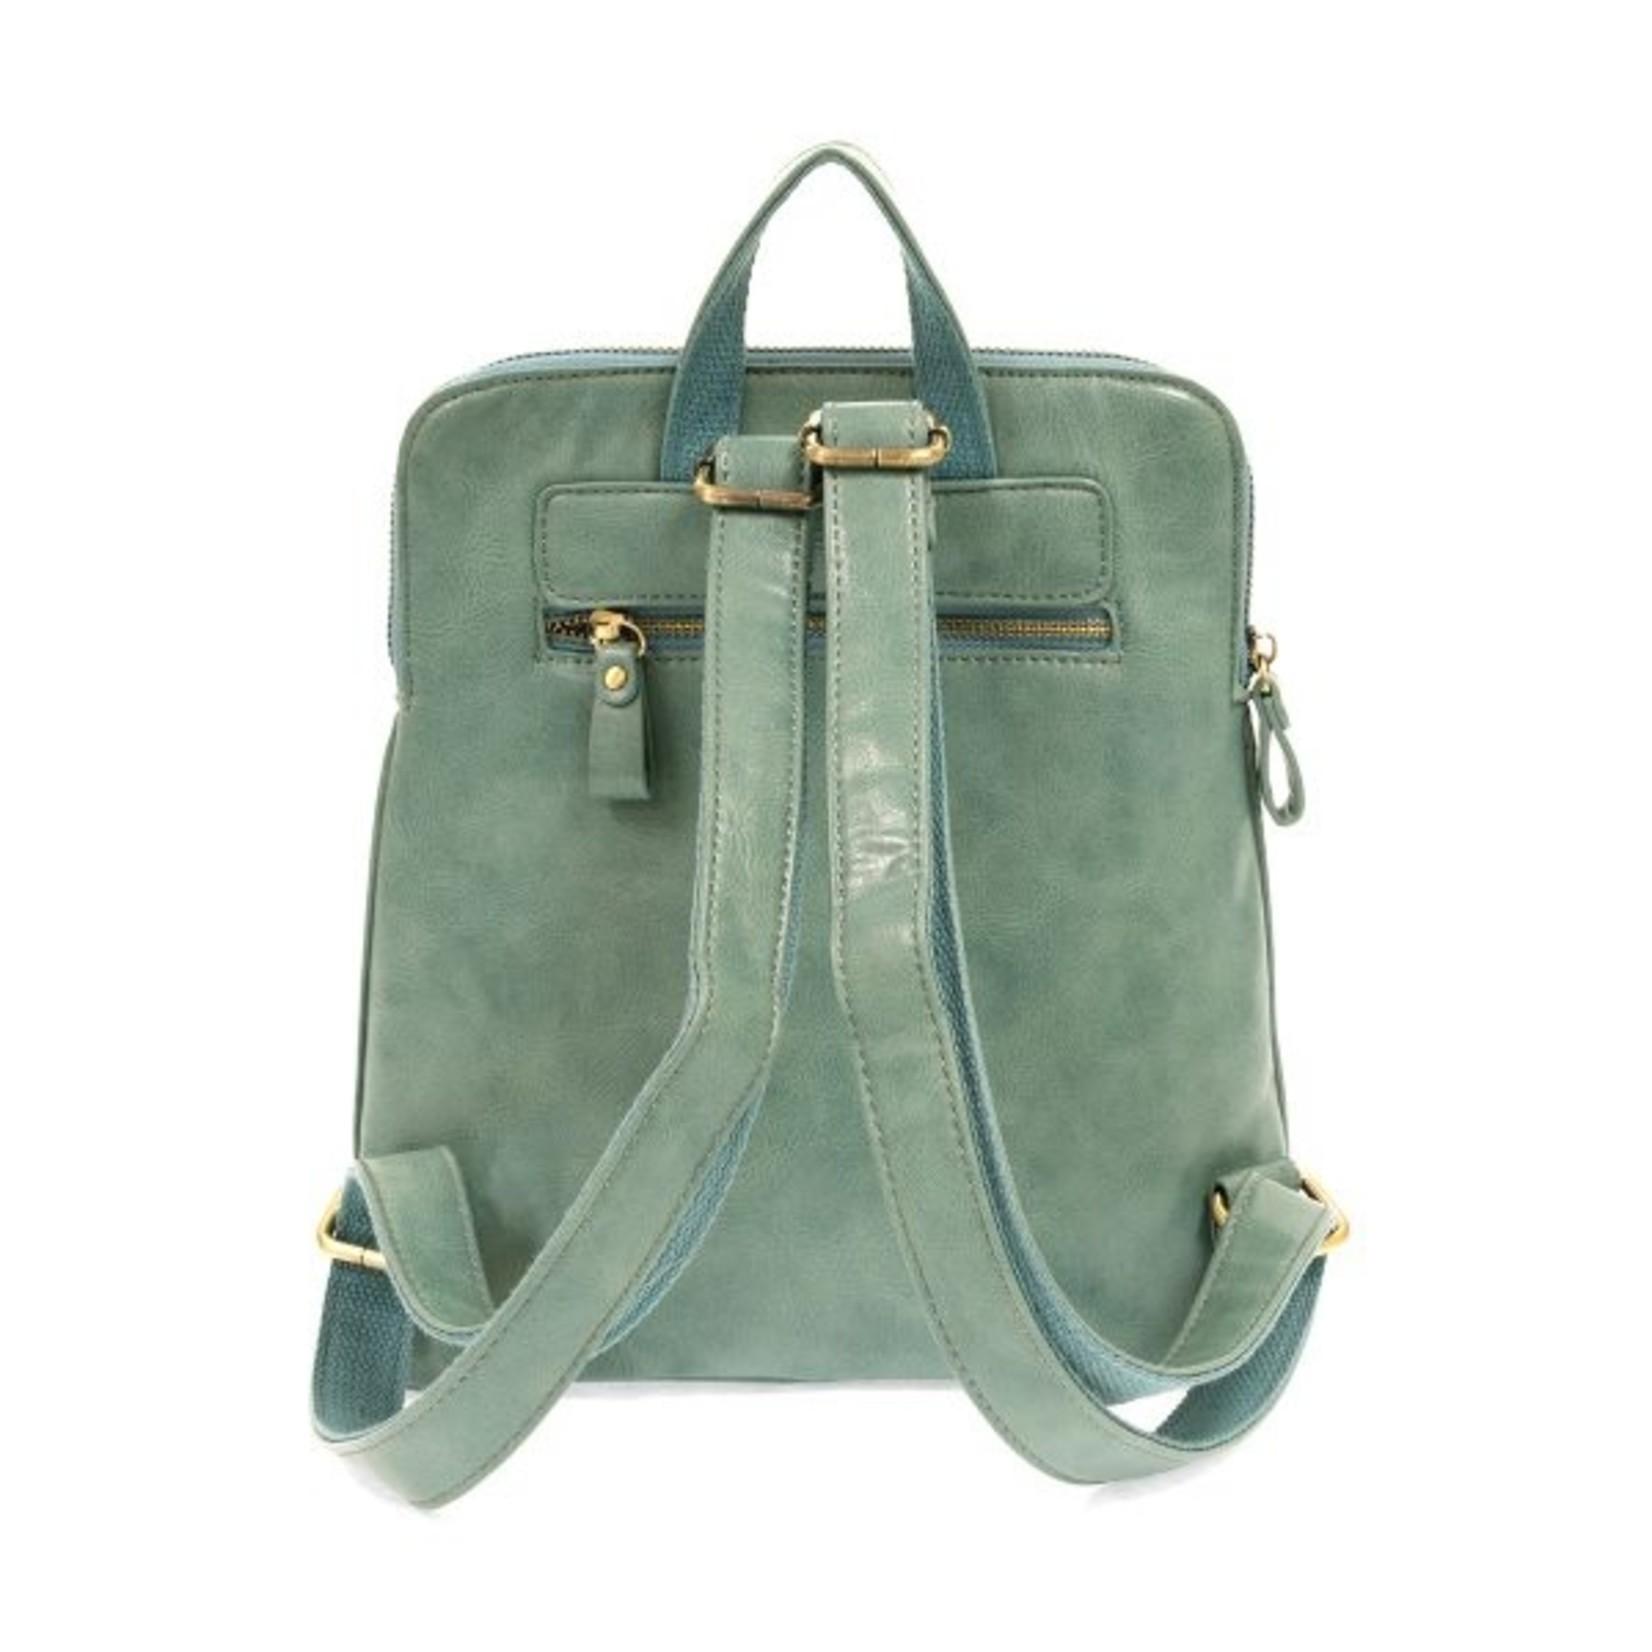 Joy Accessories Julia Mini Backpack in Seafoam